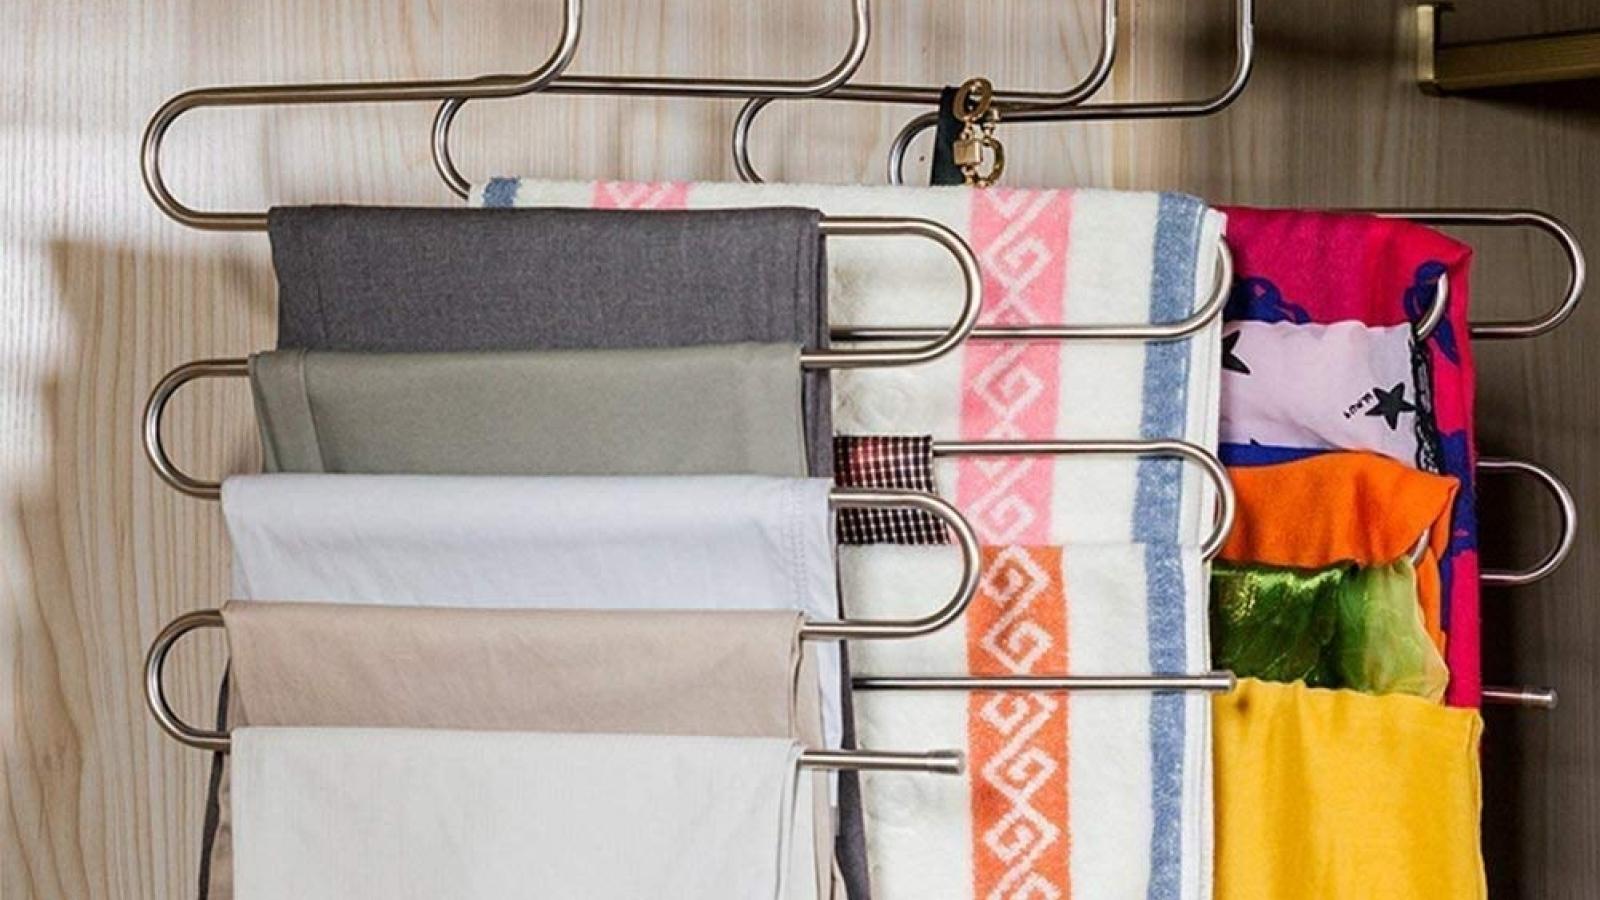 Tủ quần áo sẽ luôn gọn gàng, sạch sẽ nhờ các sản phẩm tiện dụng này